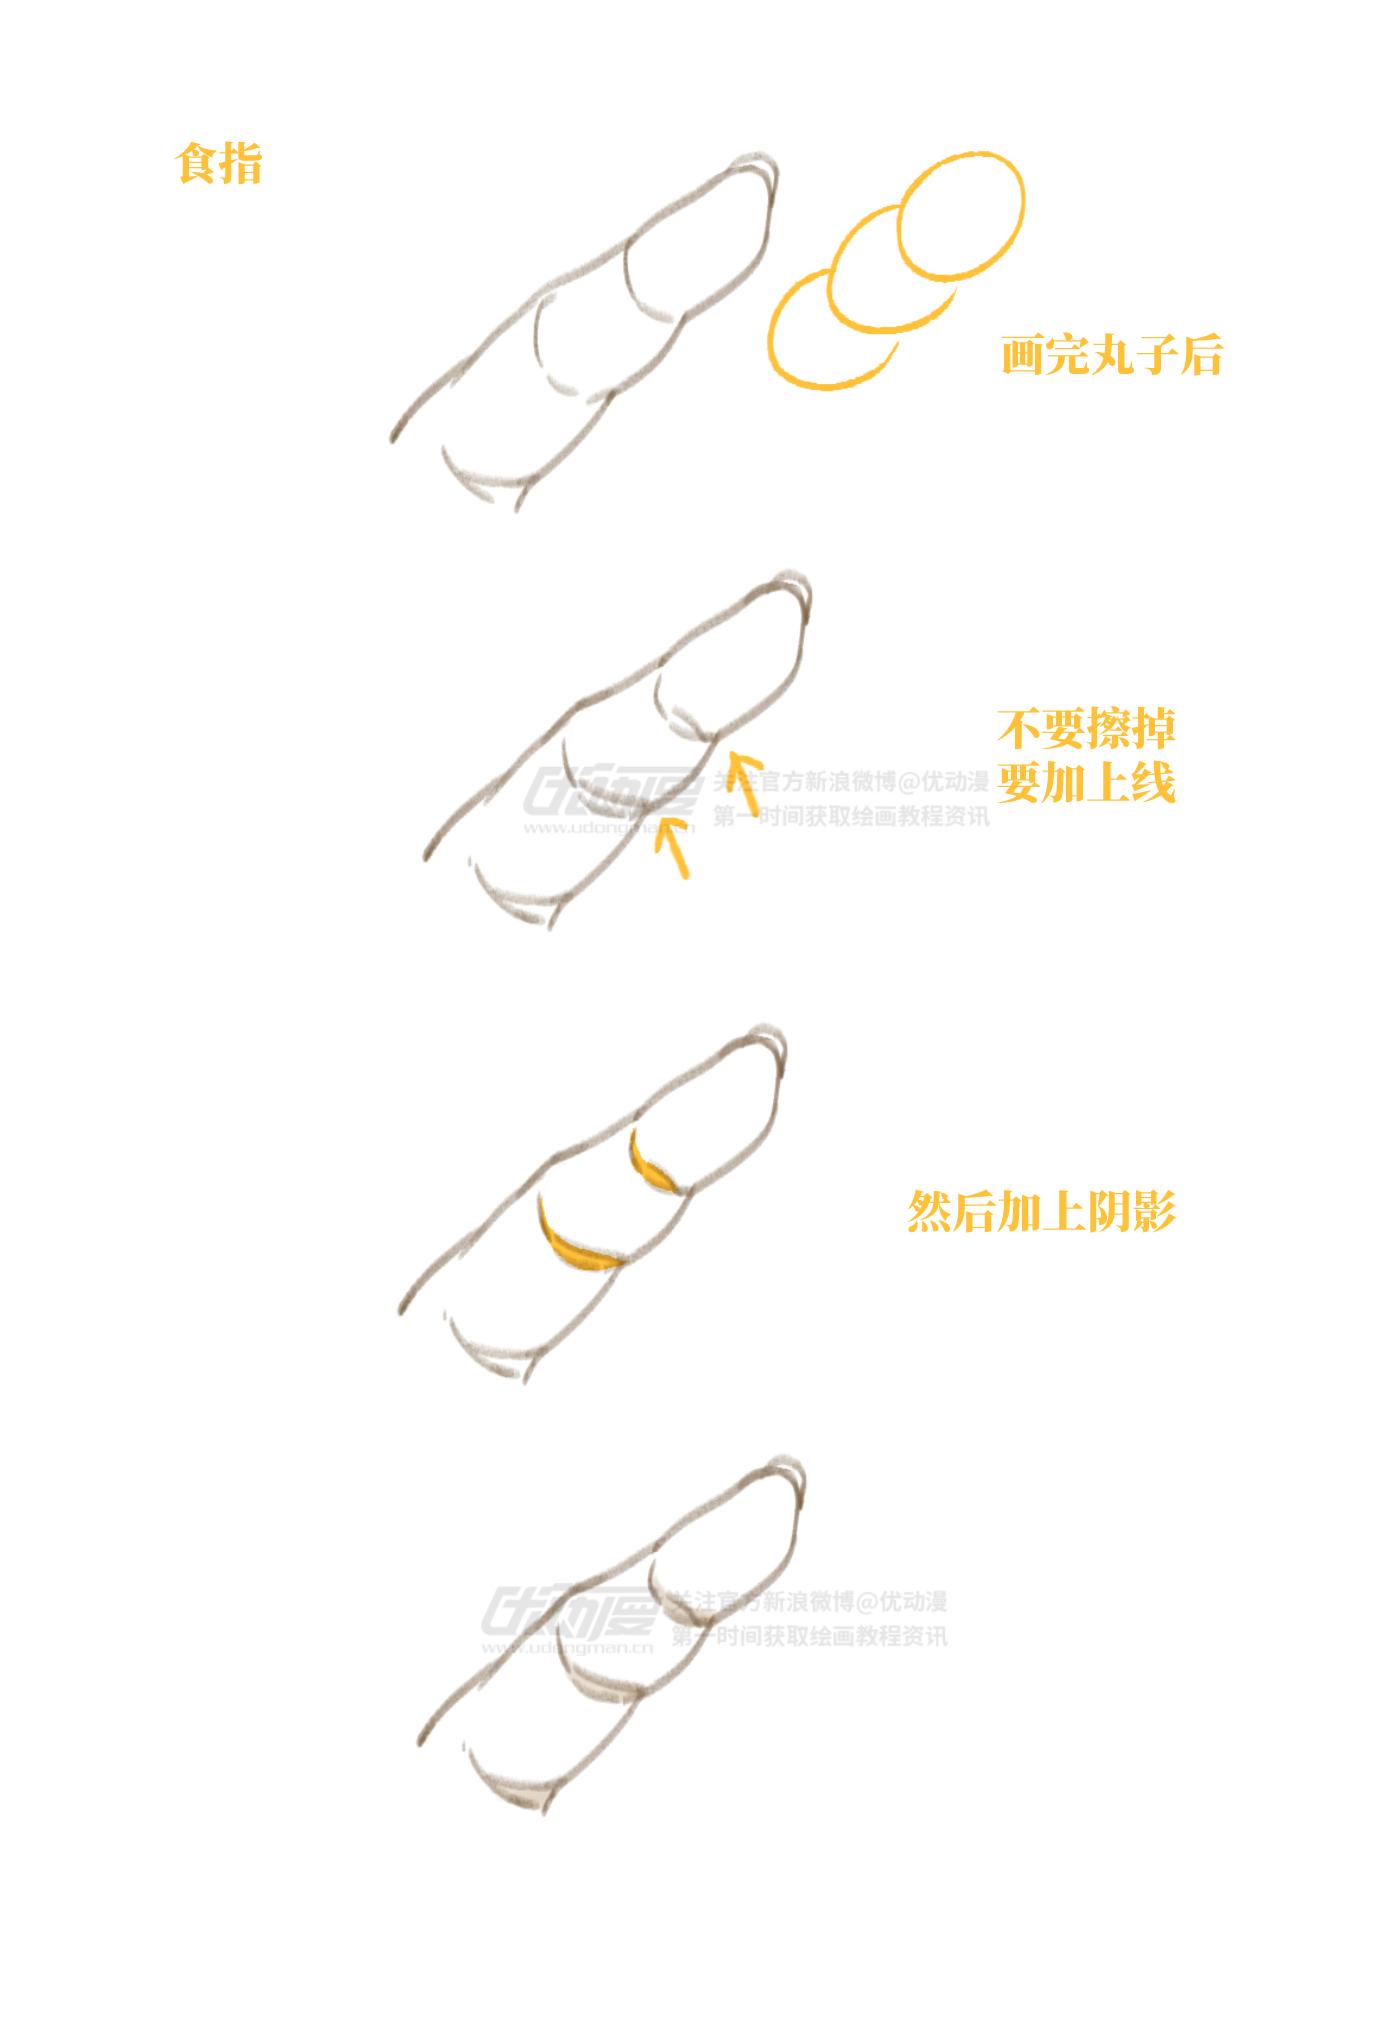 手部画法教程2.png